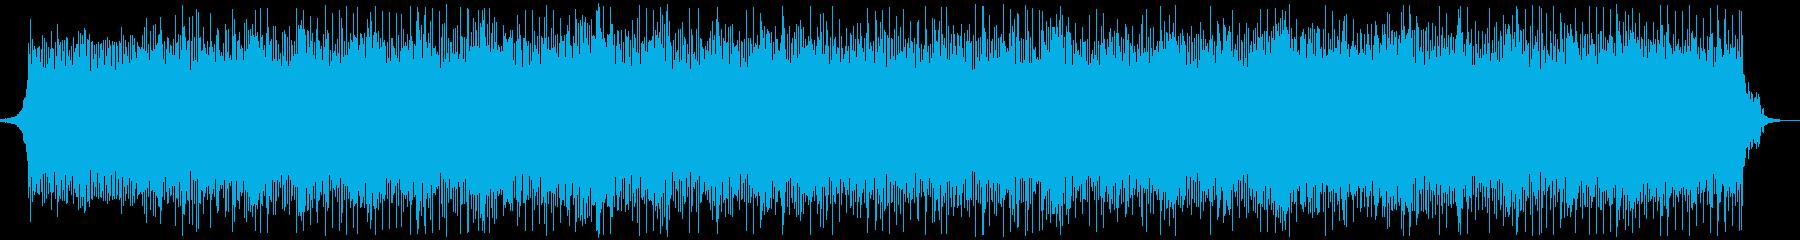 シンセベースメインのクールなハウス系楽曲の再生済みの波形